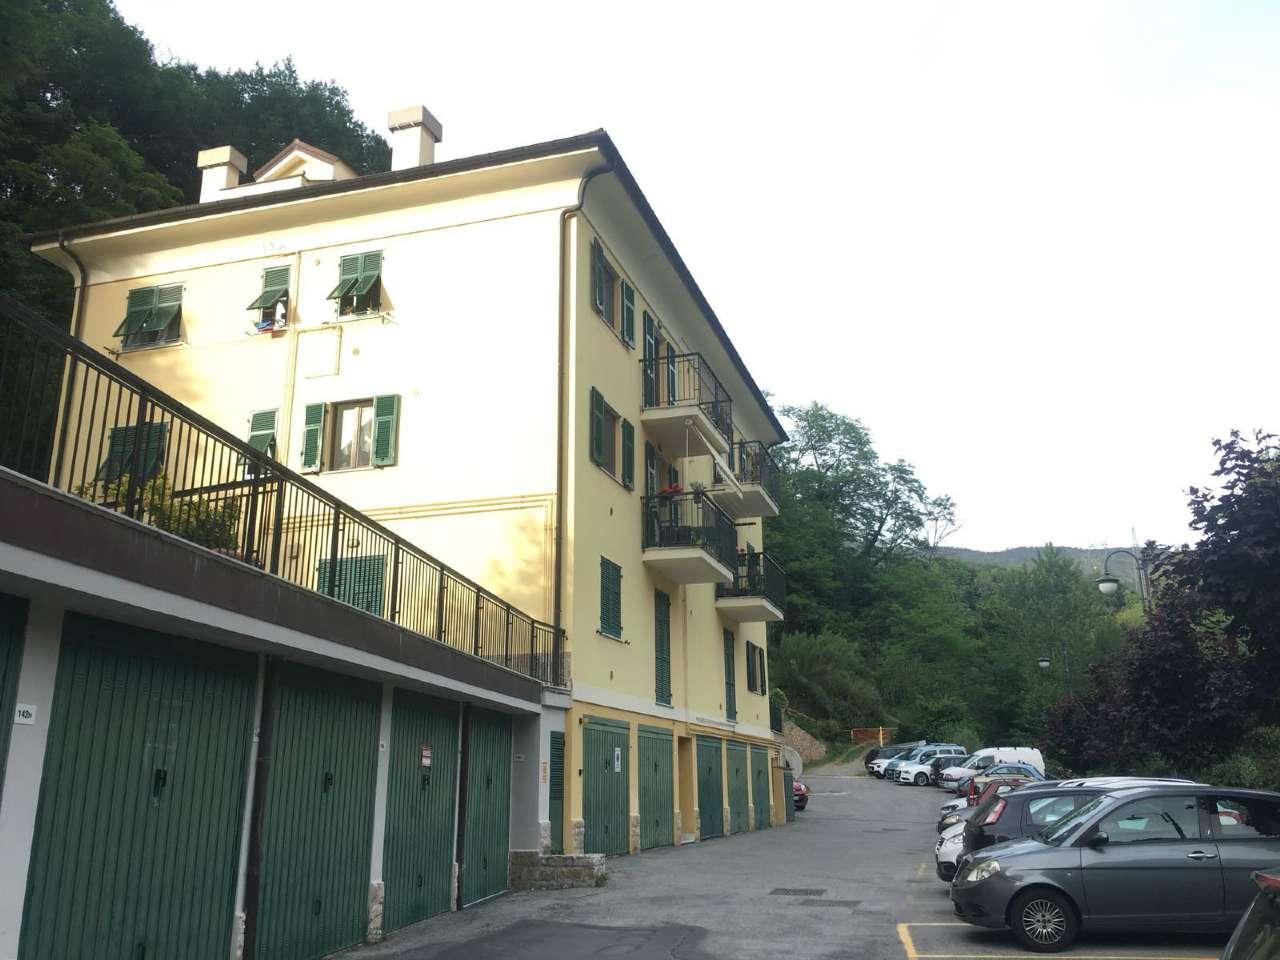 Appartamento in vendita a Mele, 2 locali, prezzo € 89.000 | PortaleAgenzieImmobiliari.it